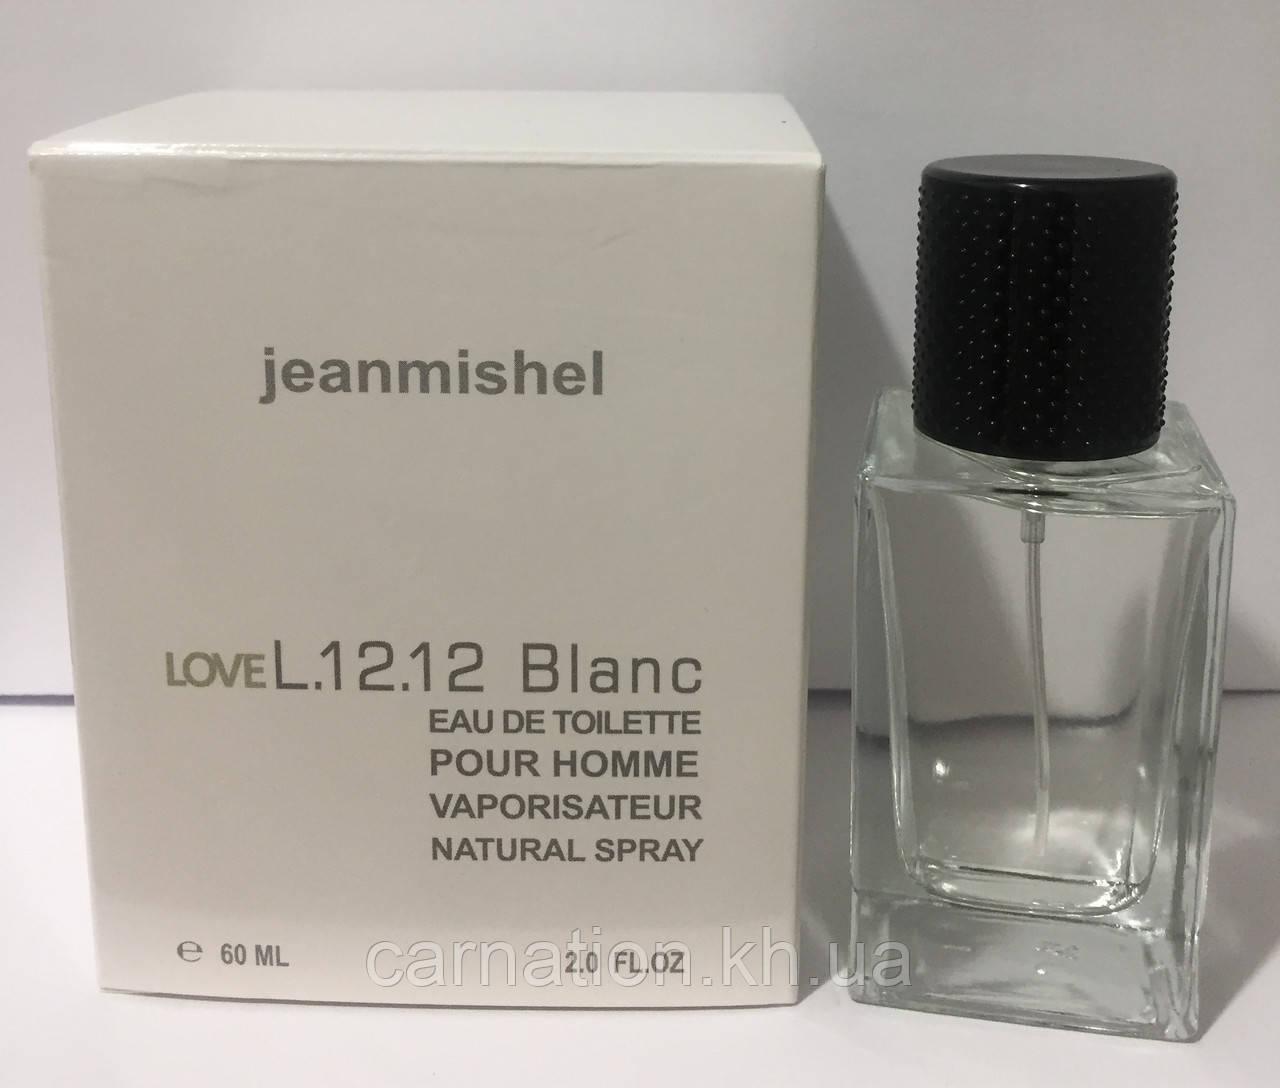 Чоловічий парфум Jeanmishel Love L. 12.12 Blanc 60 мл